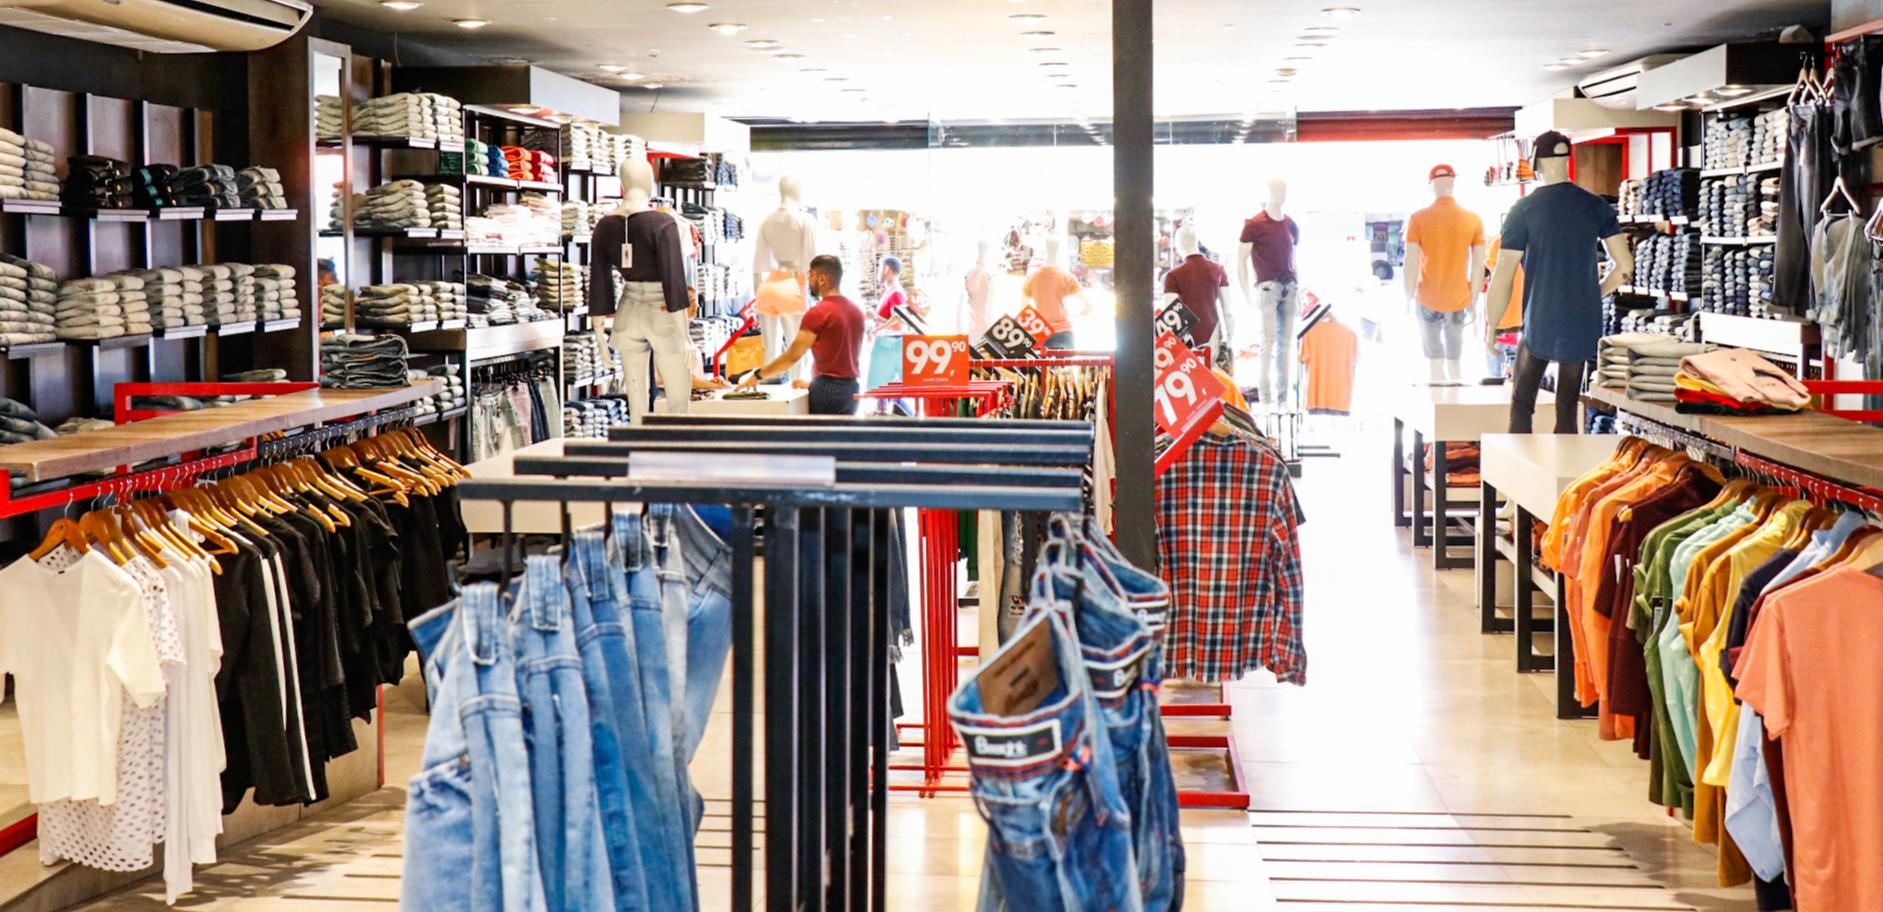 Lojas reabrem, mas é proibido experimentar roupas e bebedouro será lacrado  - Capital - Campo Grande News